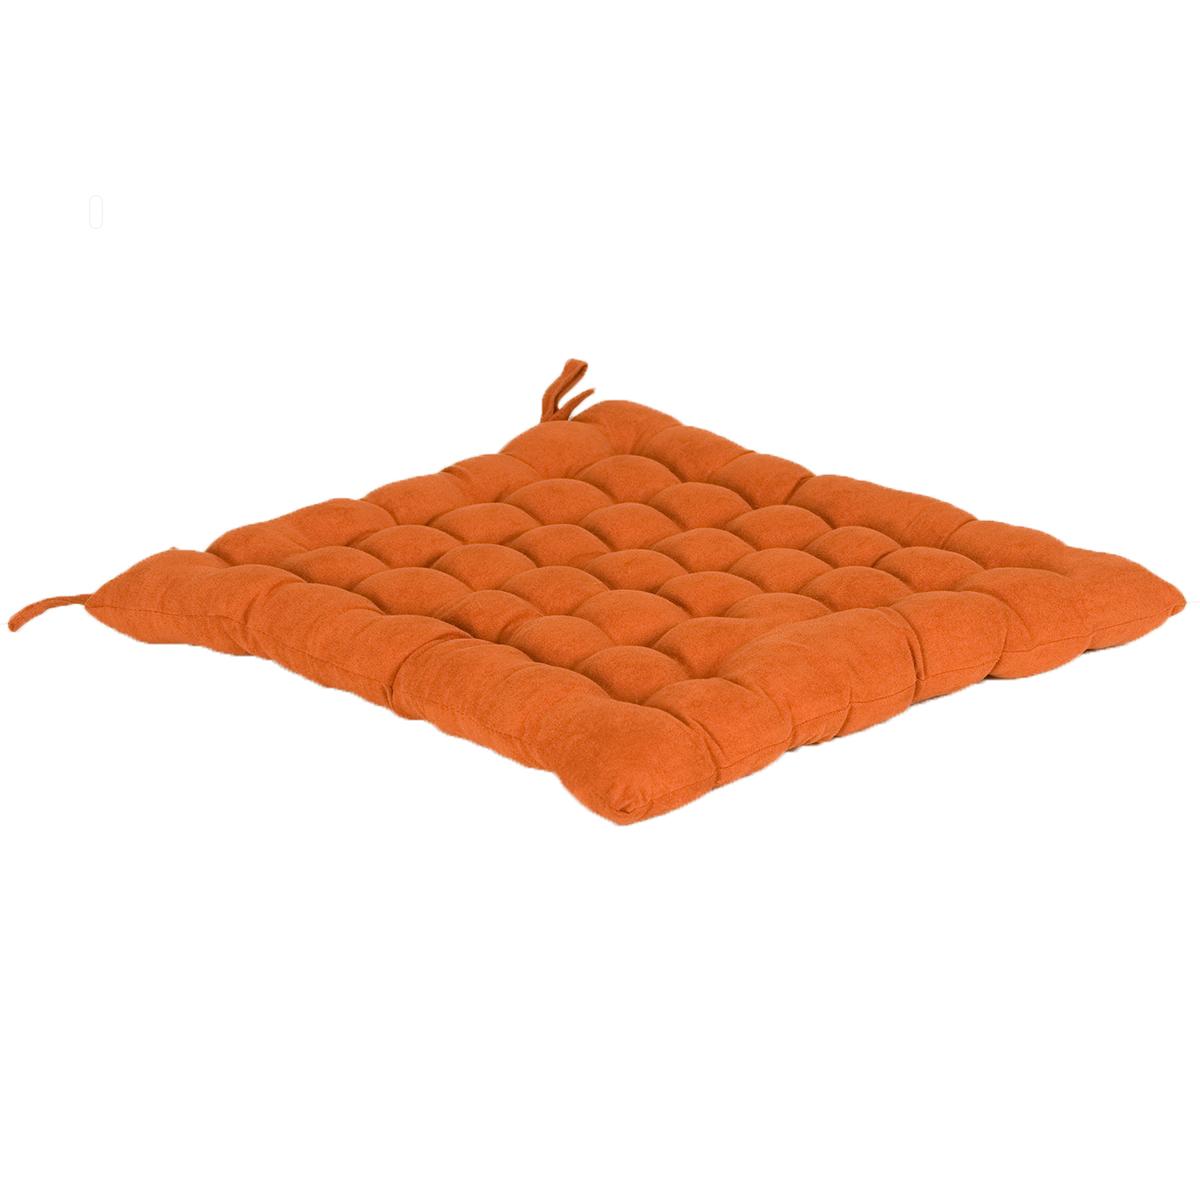 Възглавница за сядане Alcantara цвят 9 40х40 брик